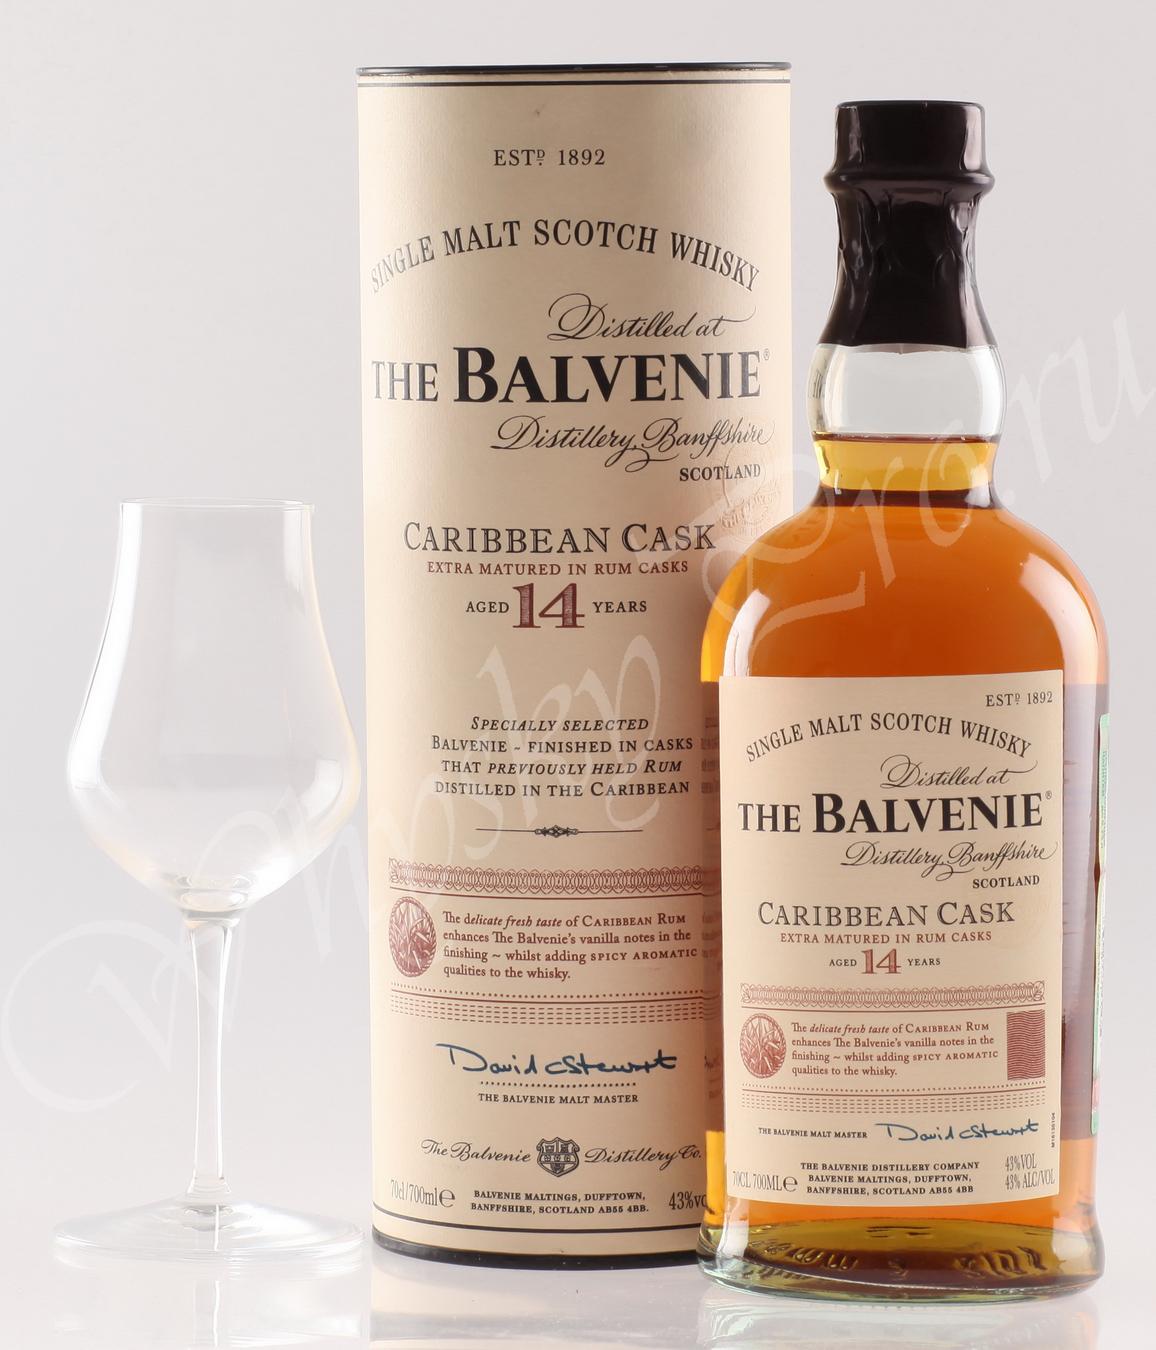 Виски виски Балвени 14 лет Шотландский виски Balvenie 14 years